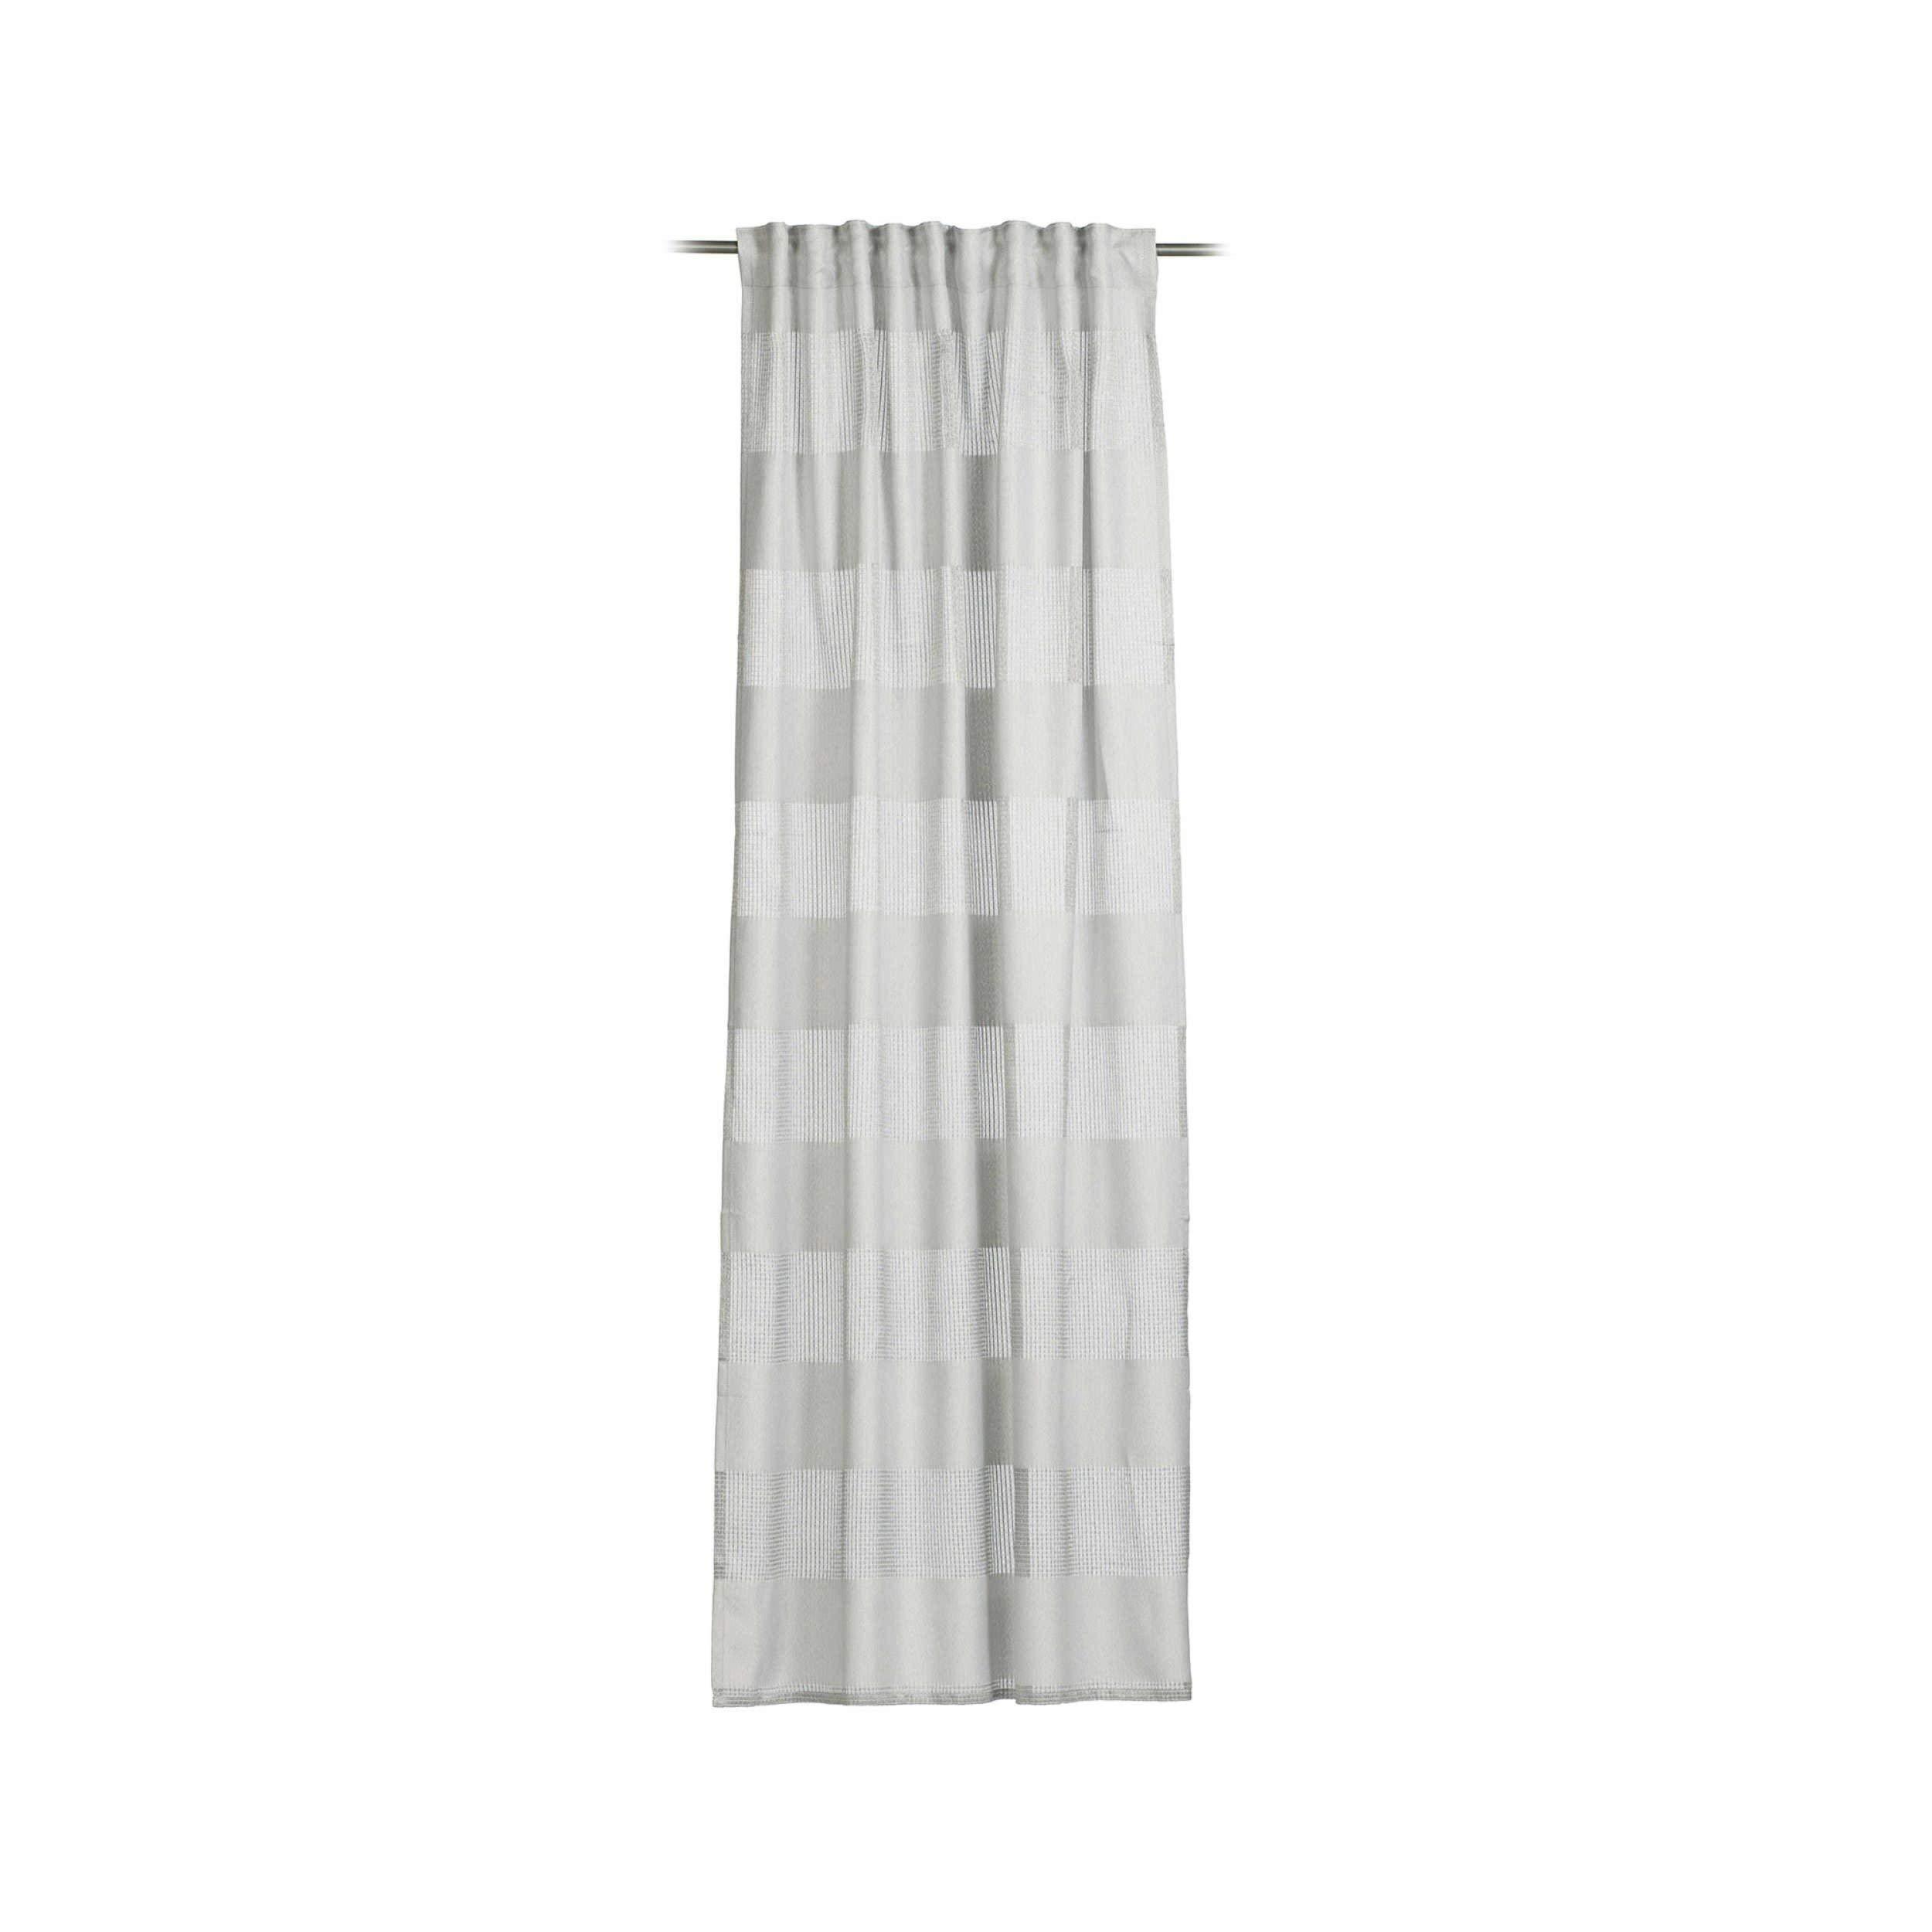 ALDOMO Rideau /à /œillets en Lin Gris chin/é 140 x 235 cm